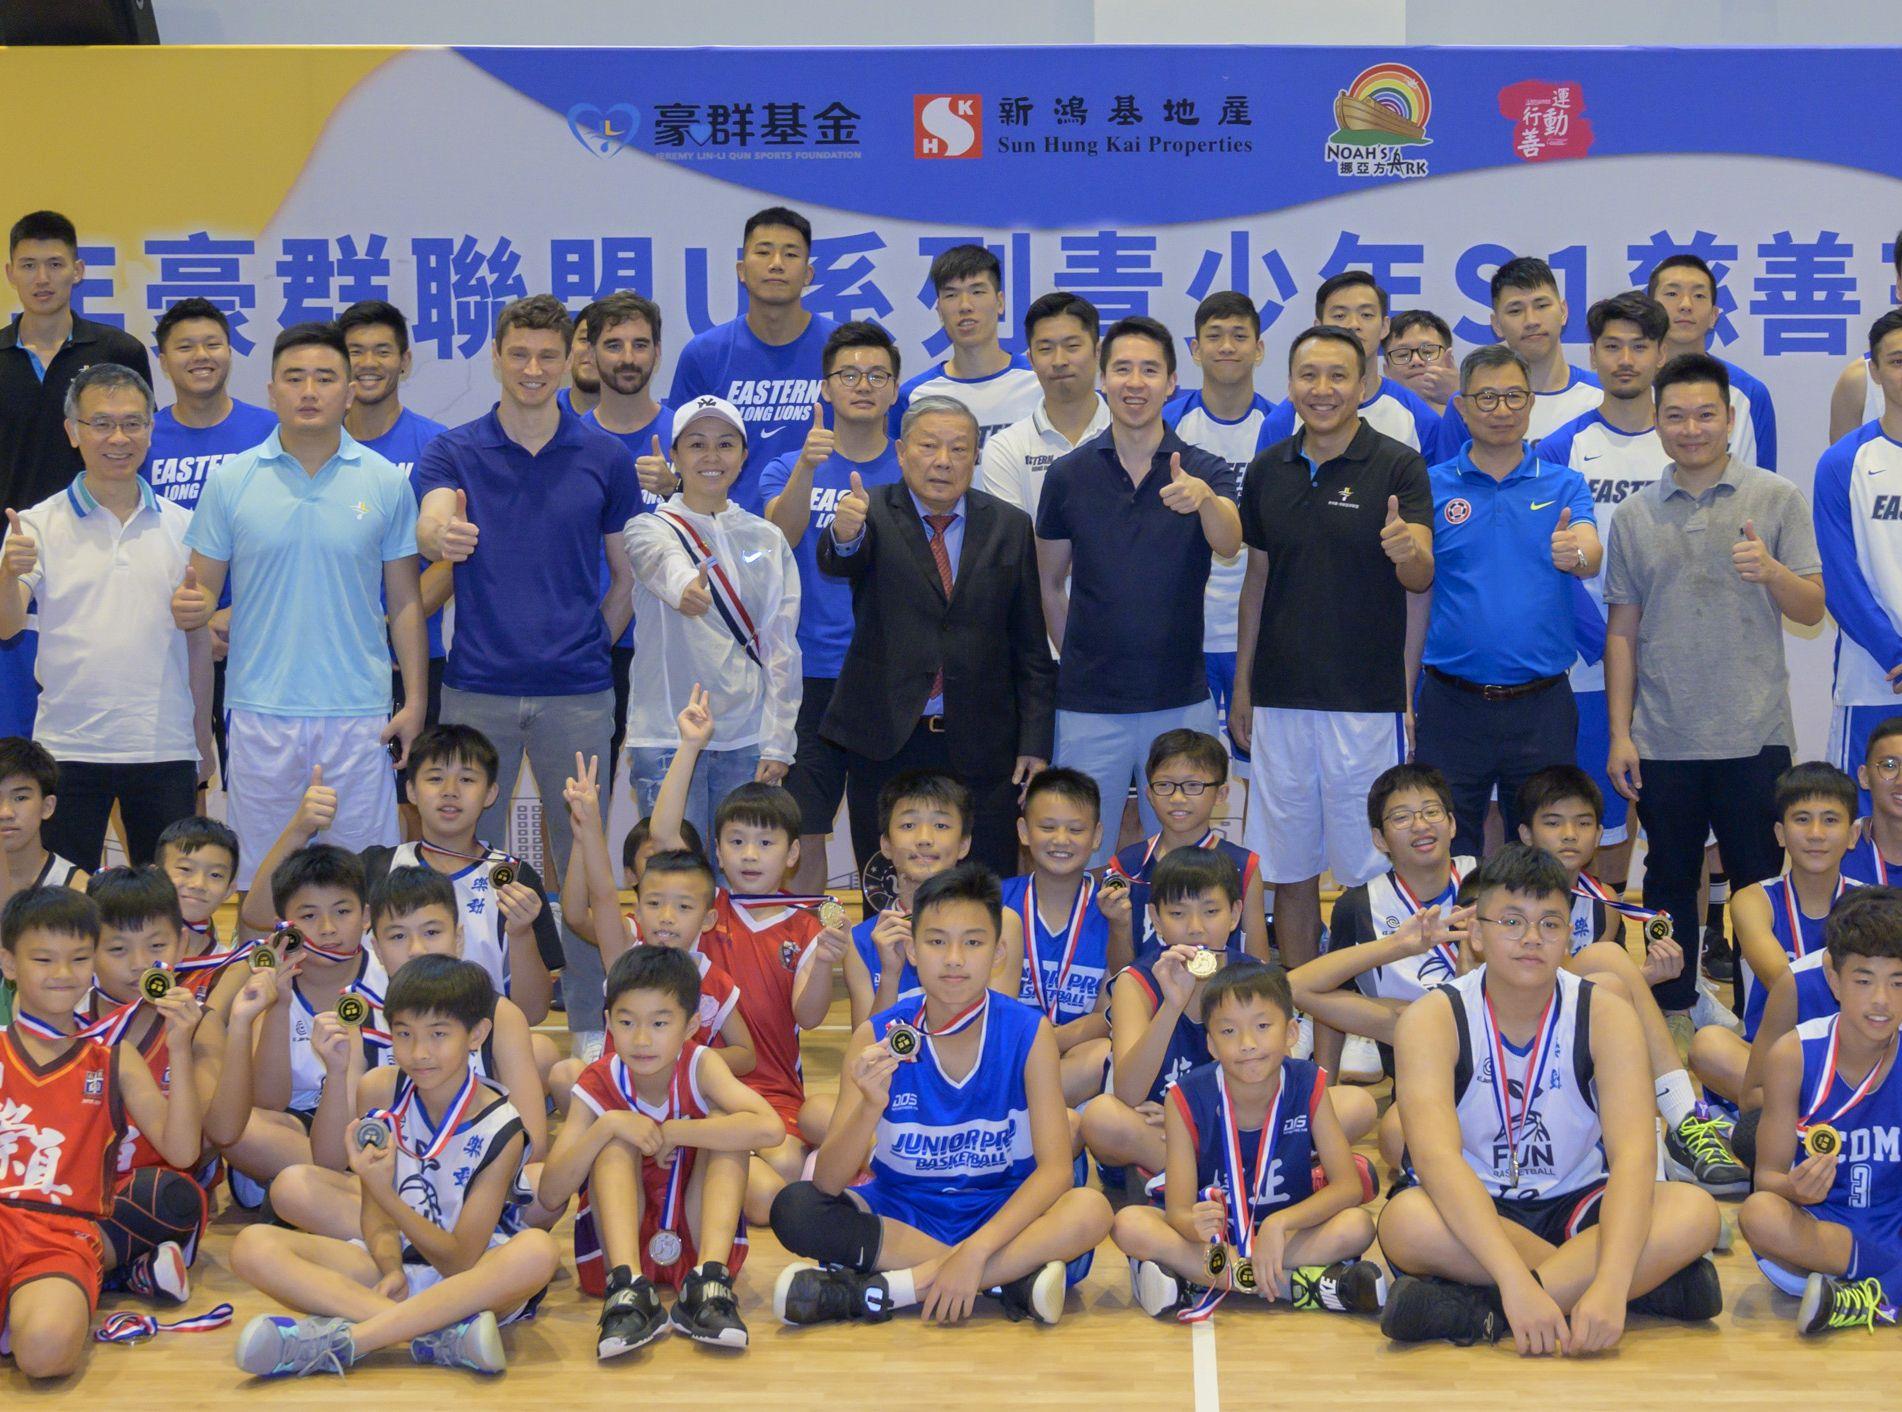 新地贊助慈善三人籃球聯賽。